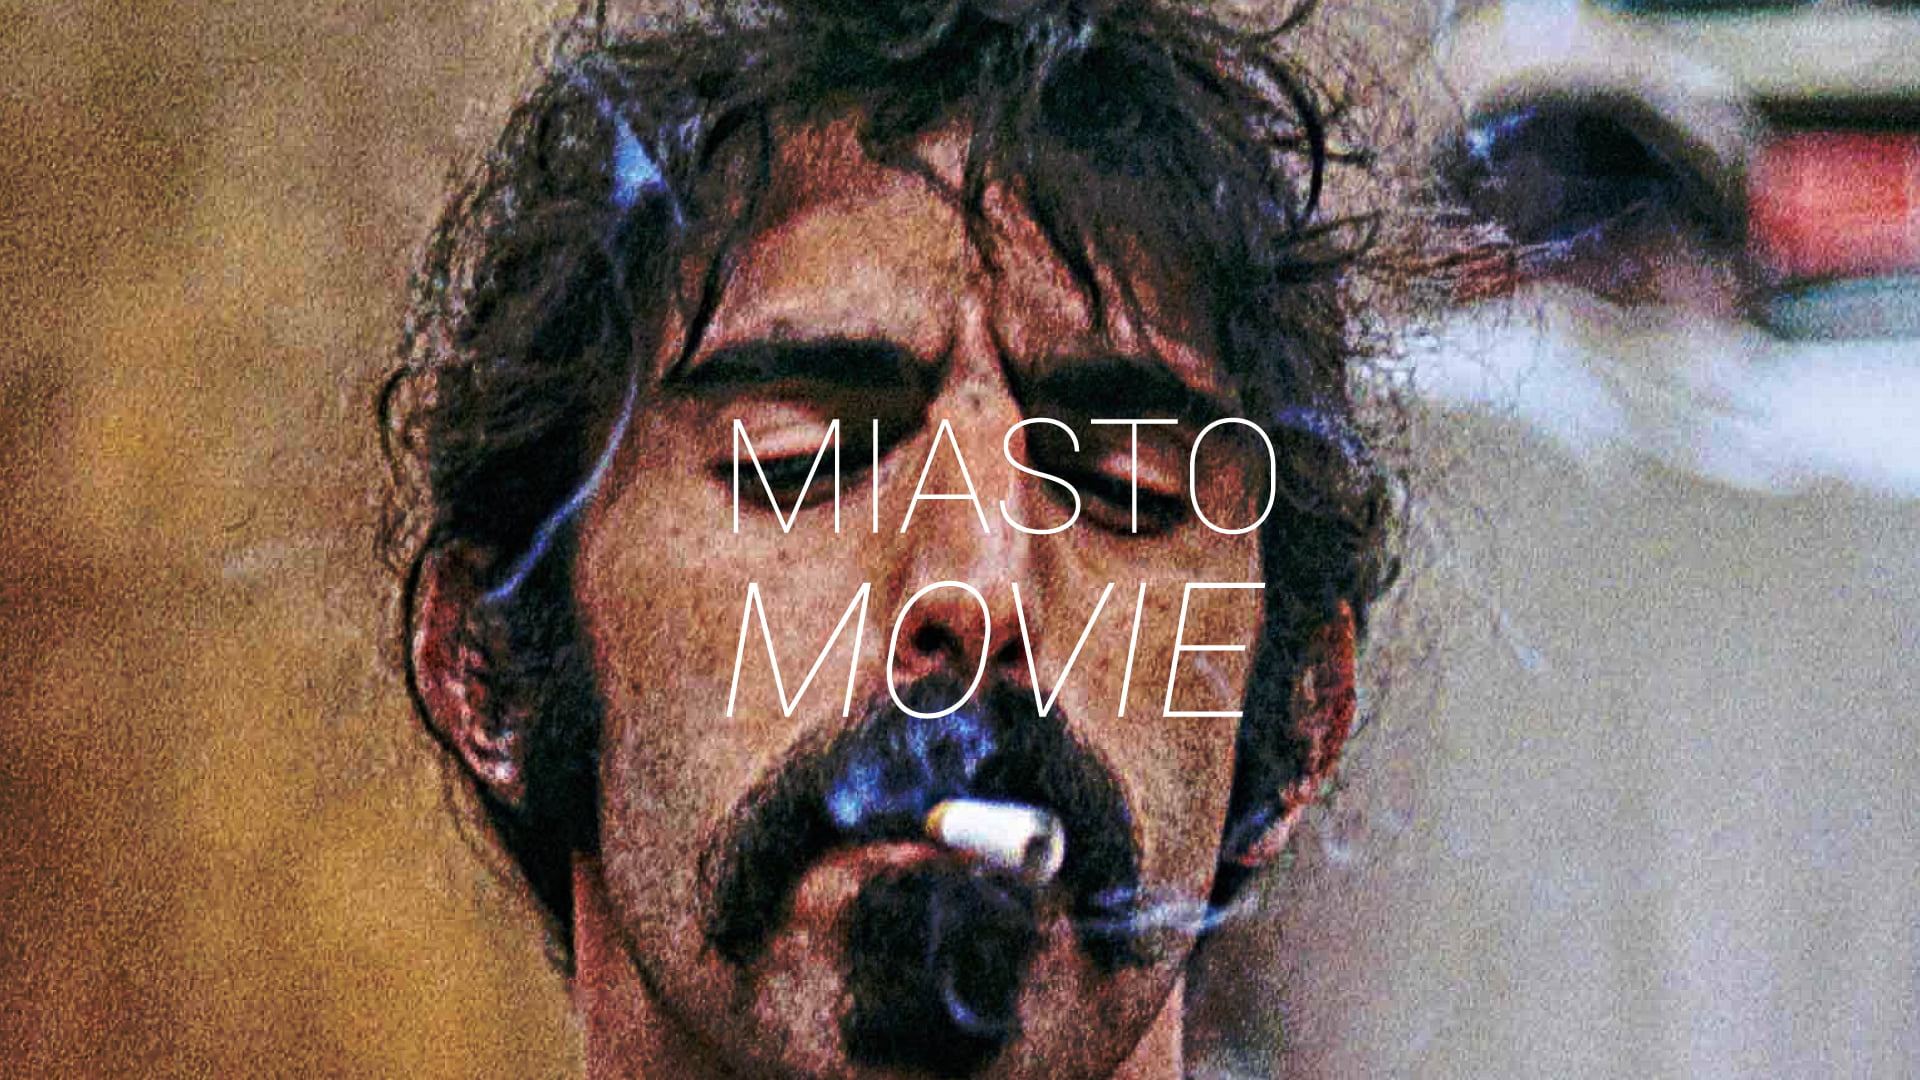 Zdjęcie przedstawia mężczyznę palącego papierosa. Na środku napis Miasto Movie.